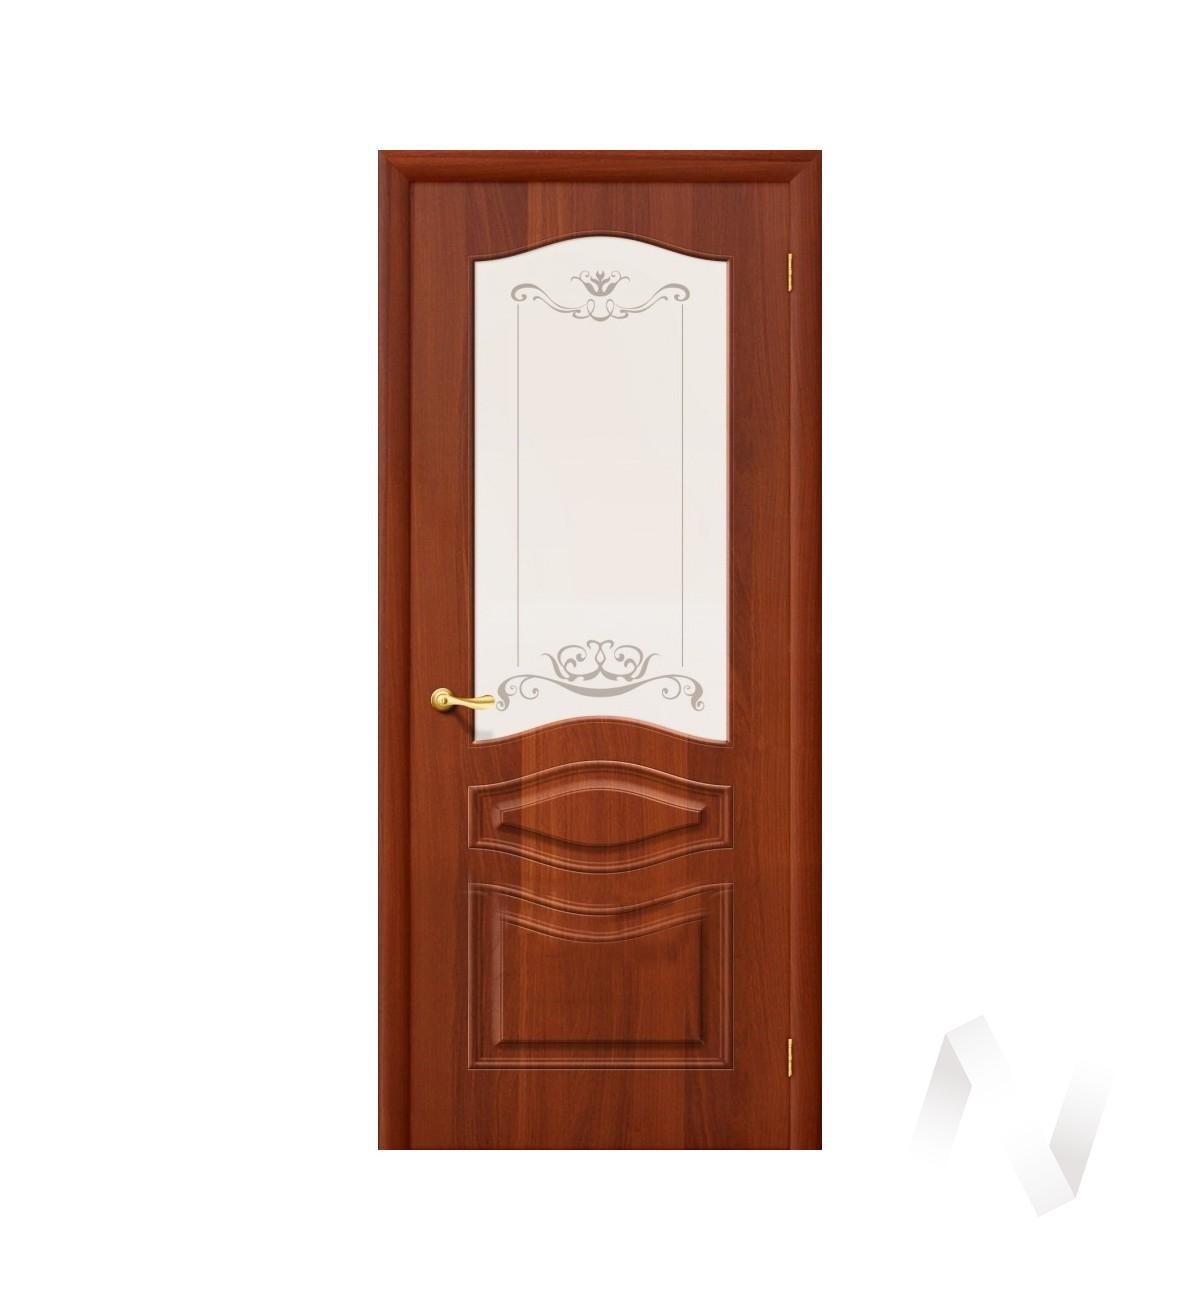 Дверь ПВХ (Тип Леона, 60, ост, итальянский орех, стекло матовое с худ. печатью)  в Томске — интернет магазин МИРА-мебель